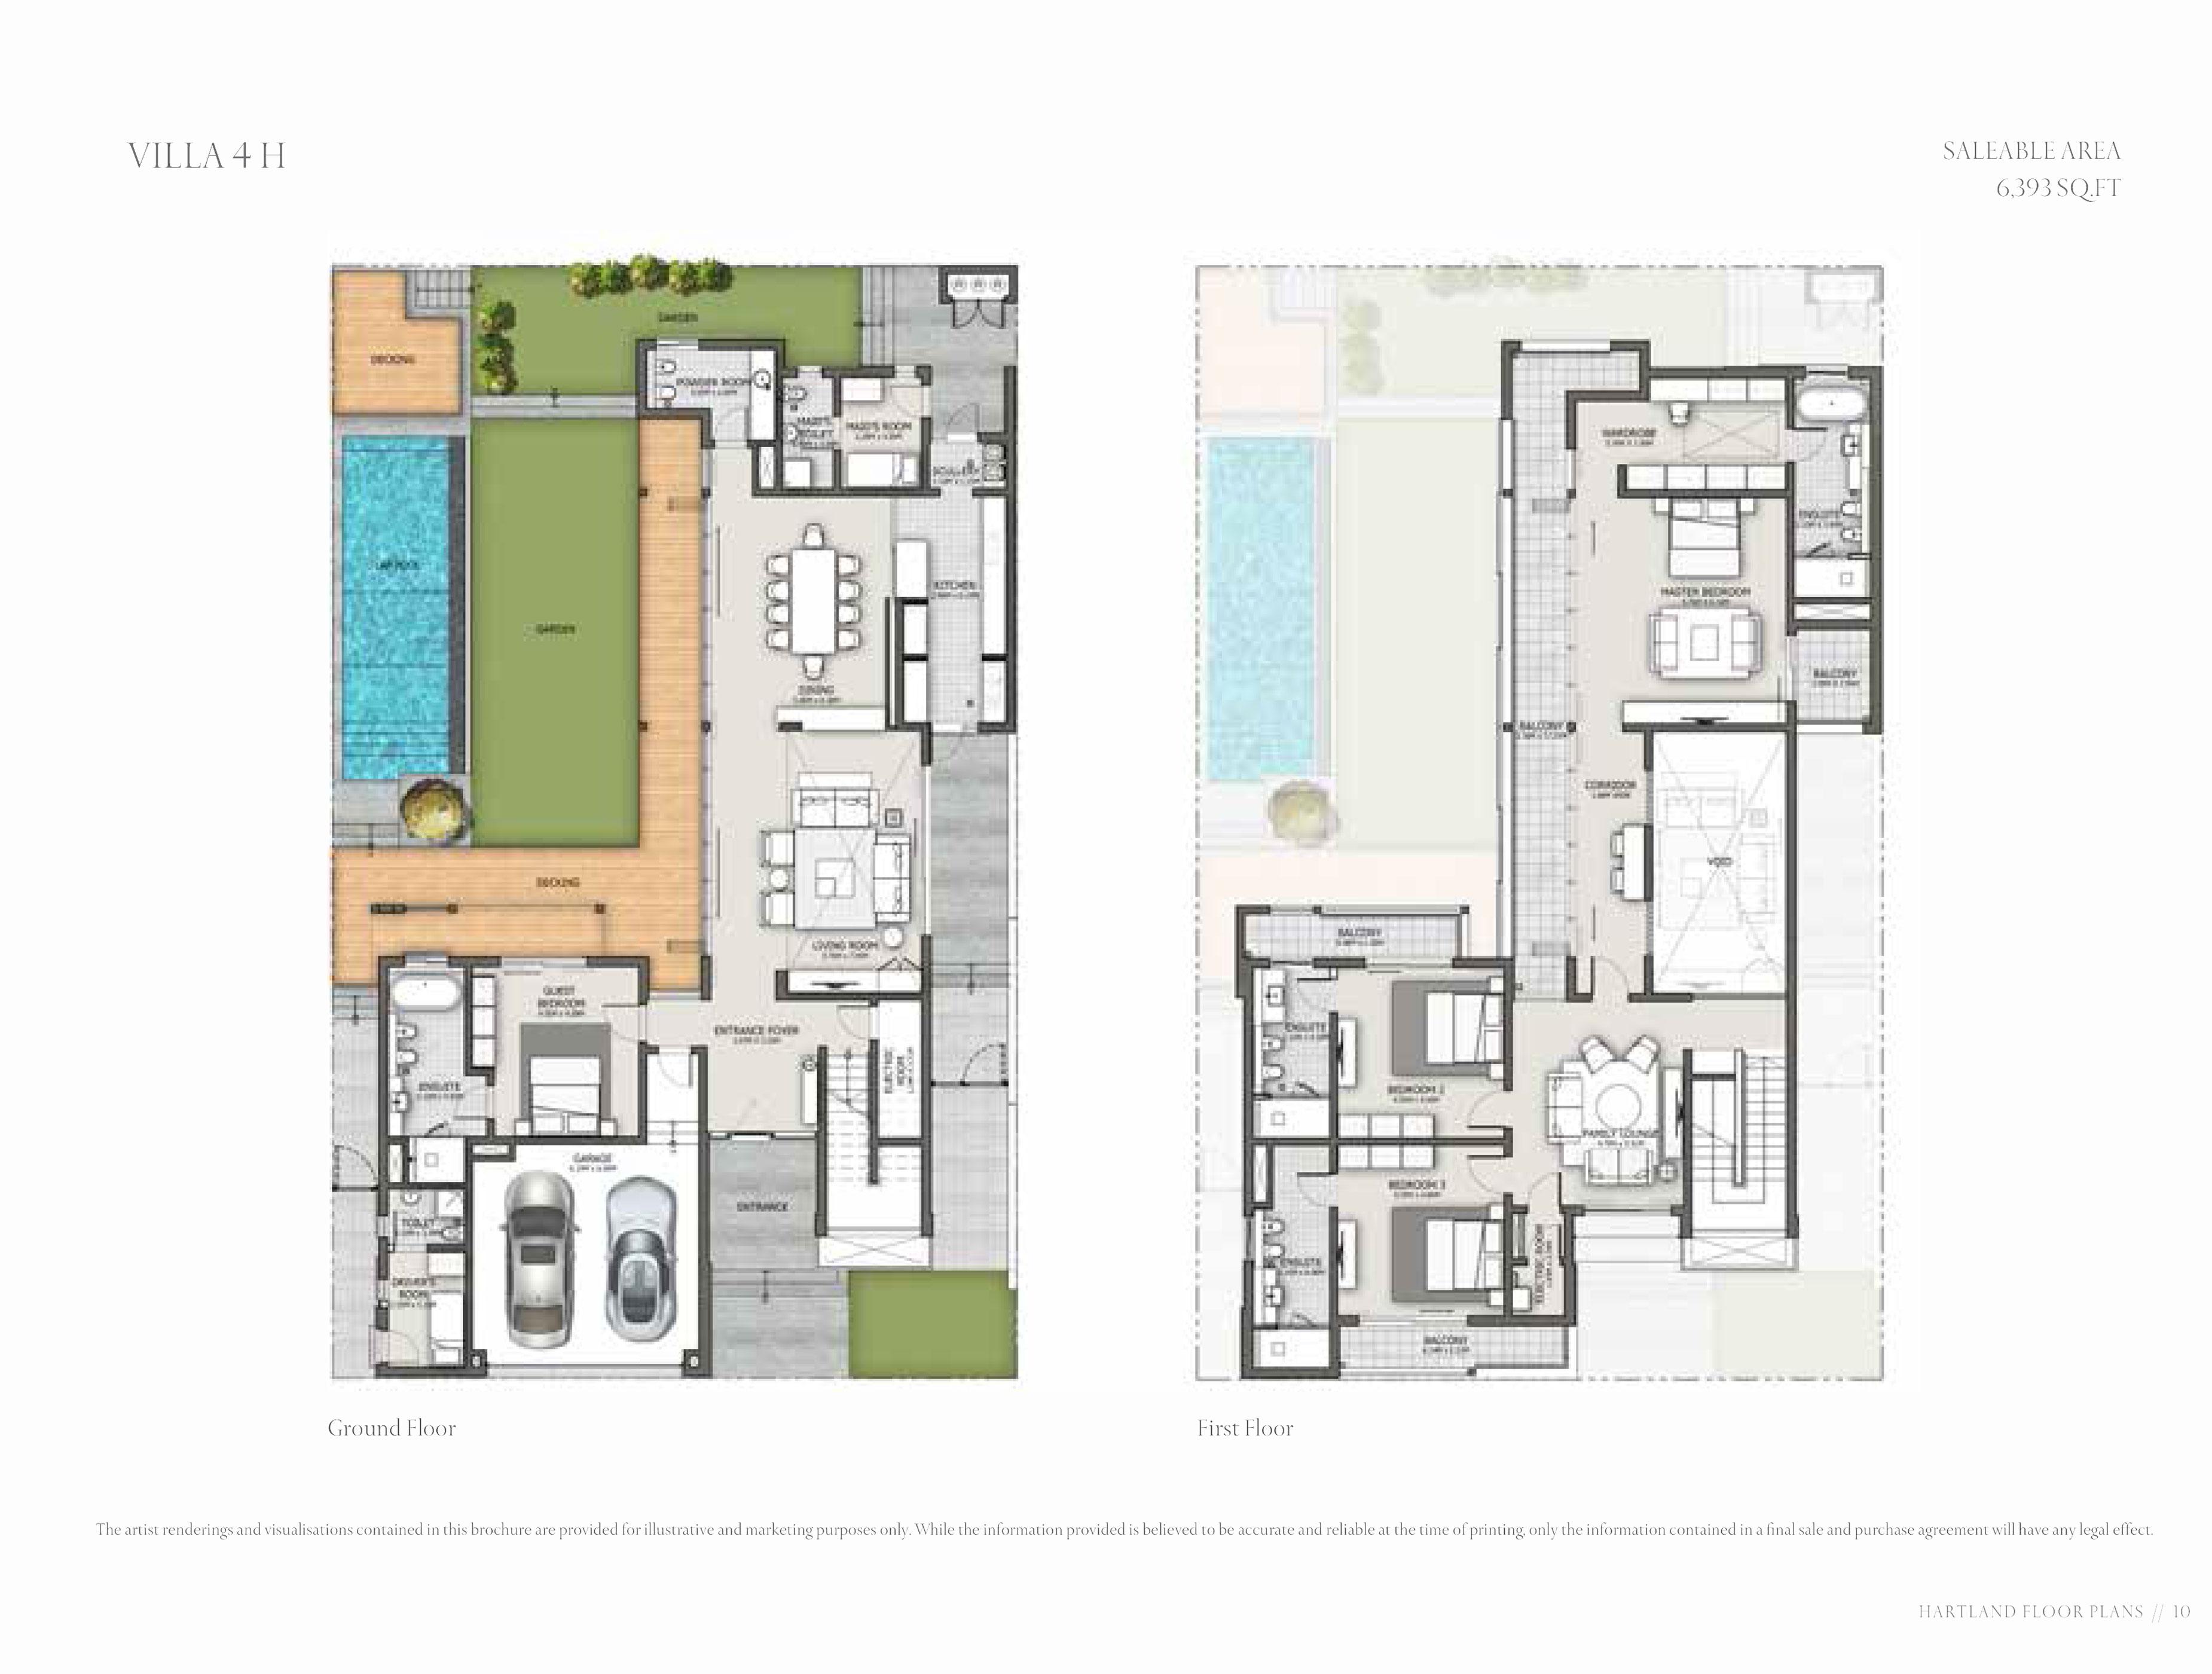 Villas-4H-Area-6393